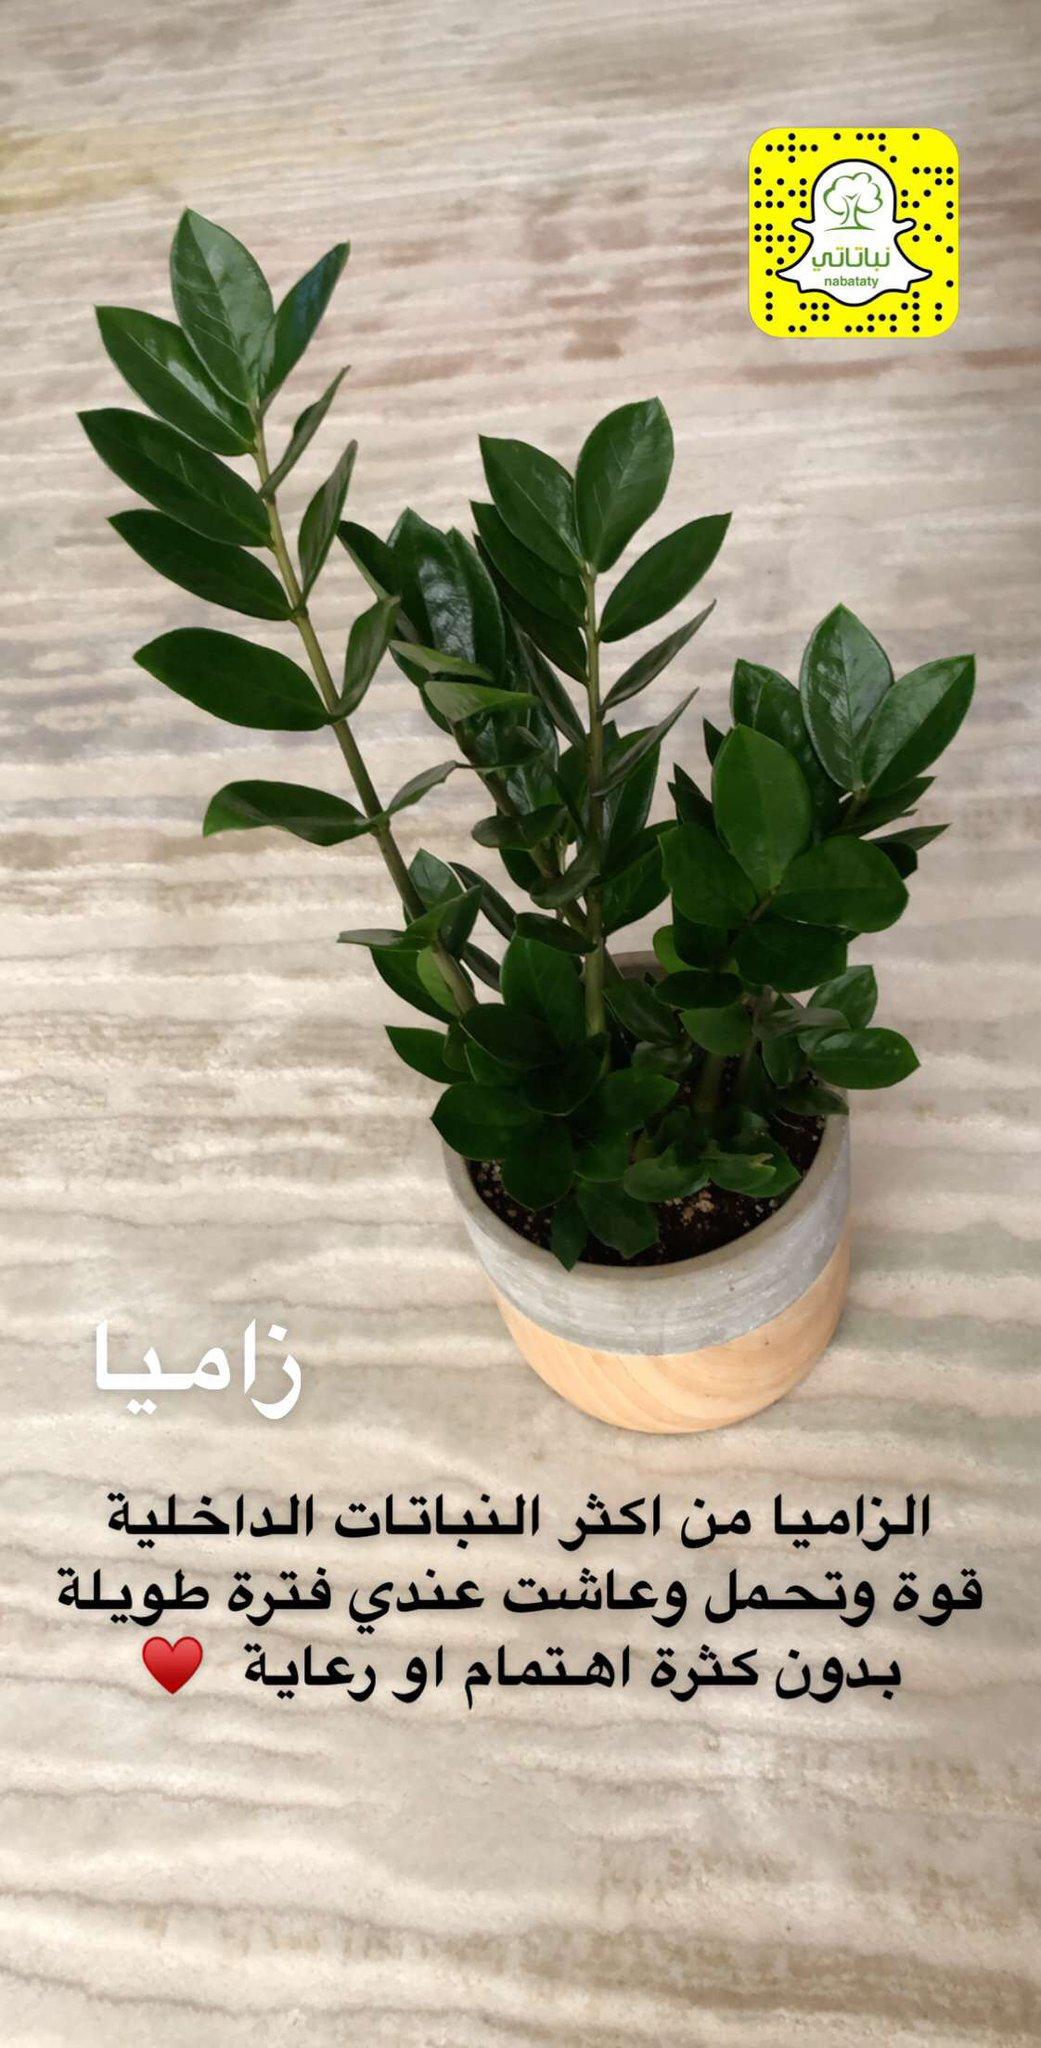 نباتاتي On Twitter حديثنا اليوم عن نبتة الزاميا في حسابنا على سناب تشات Https T Co 6dpkt7ddlm تابعونا